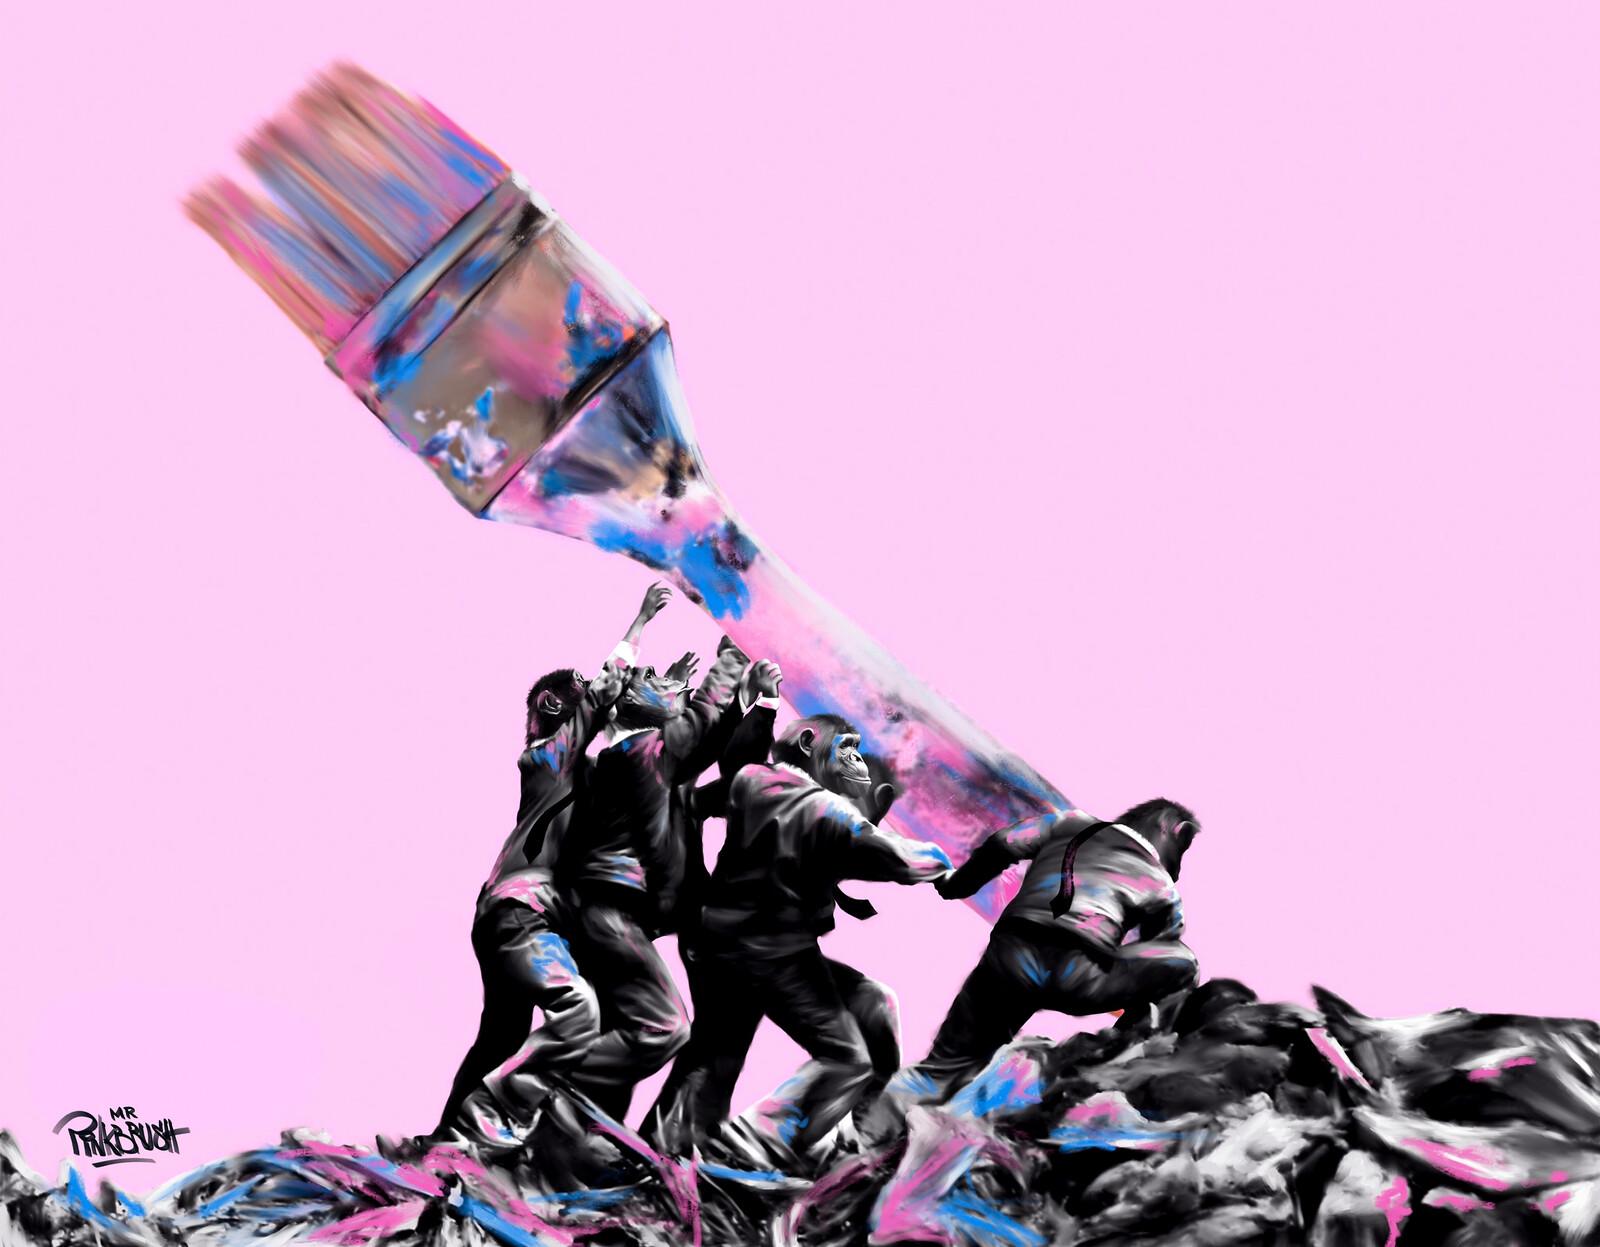 Rising the Brush - Mr. Pinkbrush